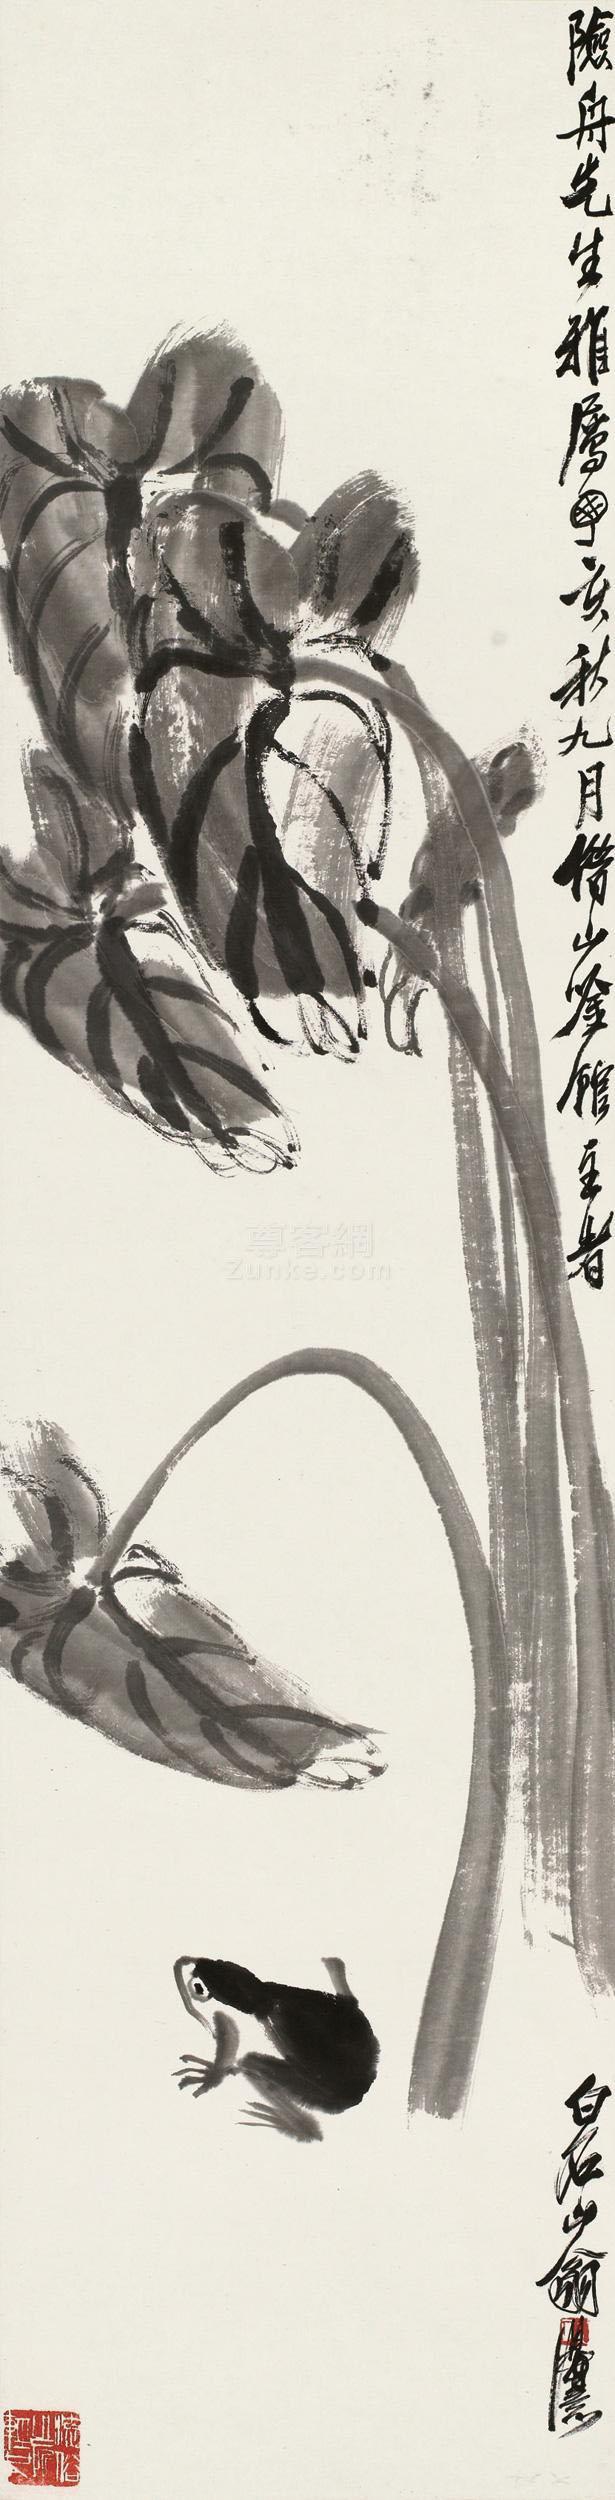 齐白石 田头蛙声 镜片 水墨纸本作品欣赏